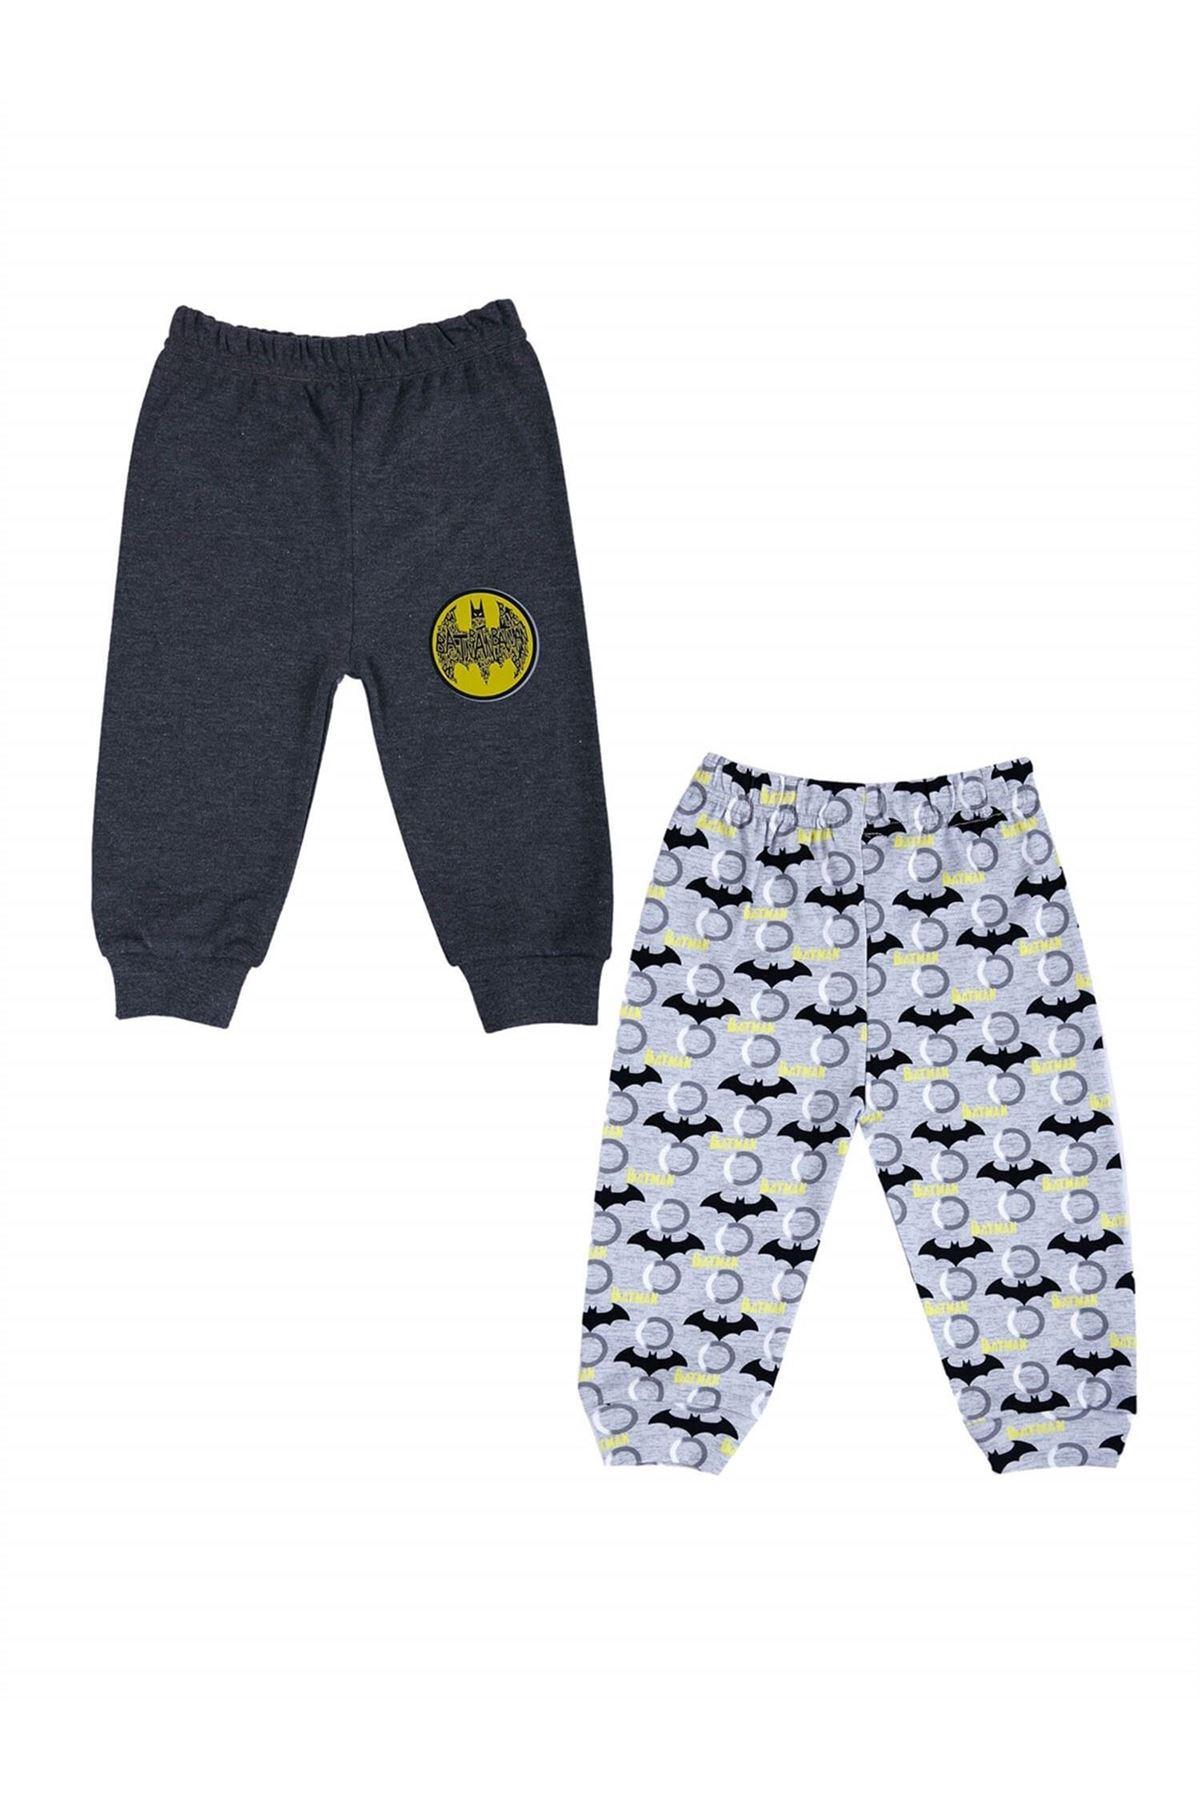 Çimpa Batman 2Li Patiksiz Pantolon BM18269 Gri-Antrasit